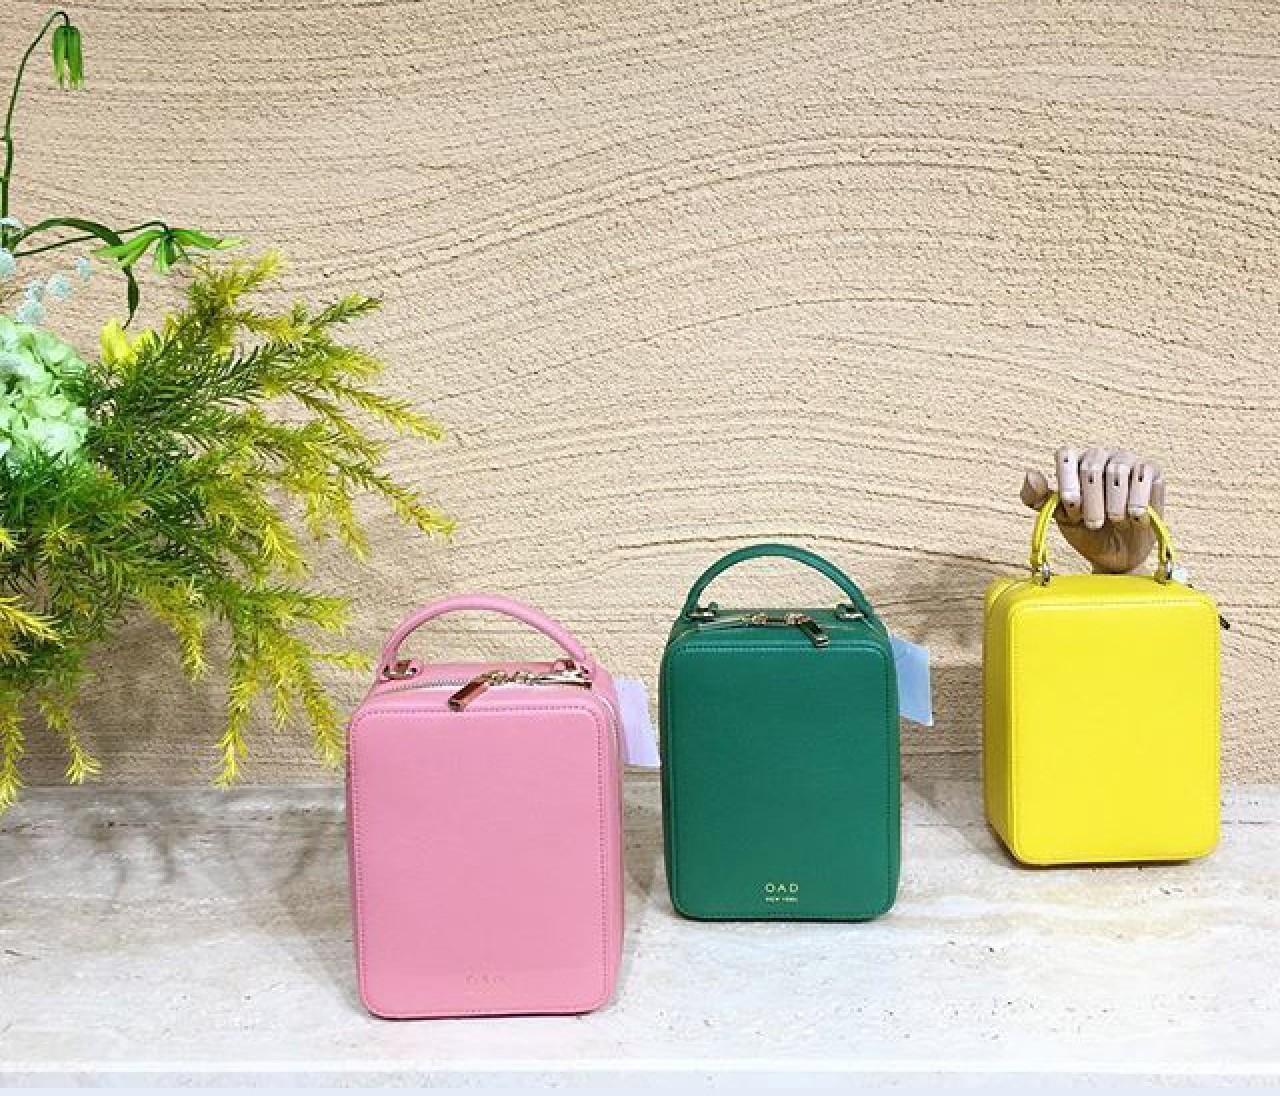 【展示会速報】人気上昇中のOAD NEW YORKの新作バッグ